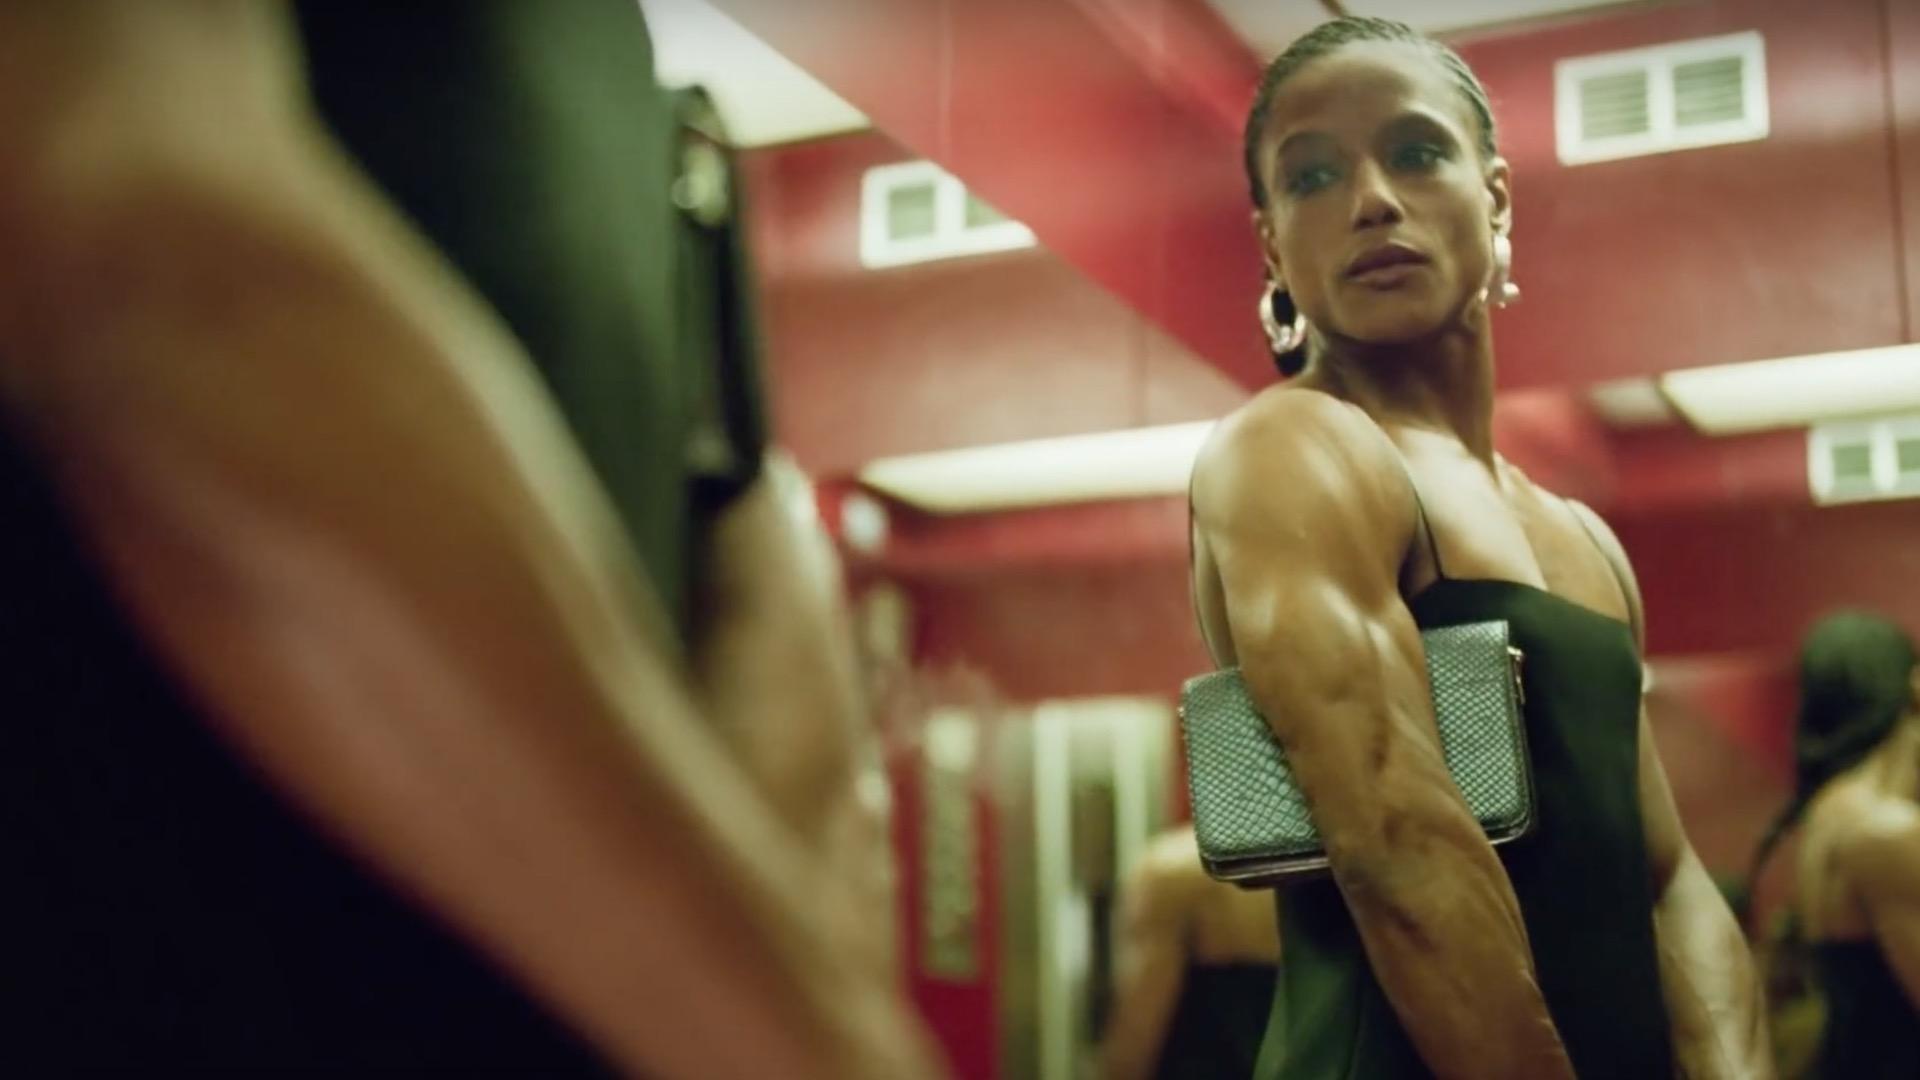 [Video] La tienda mundial H&M lanza una poderosa publicidad que redefine la belleza de la mujer en todas sus formas